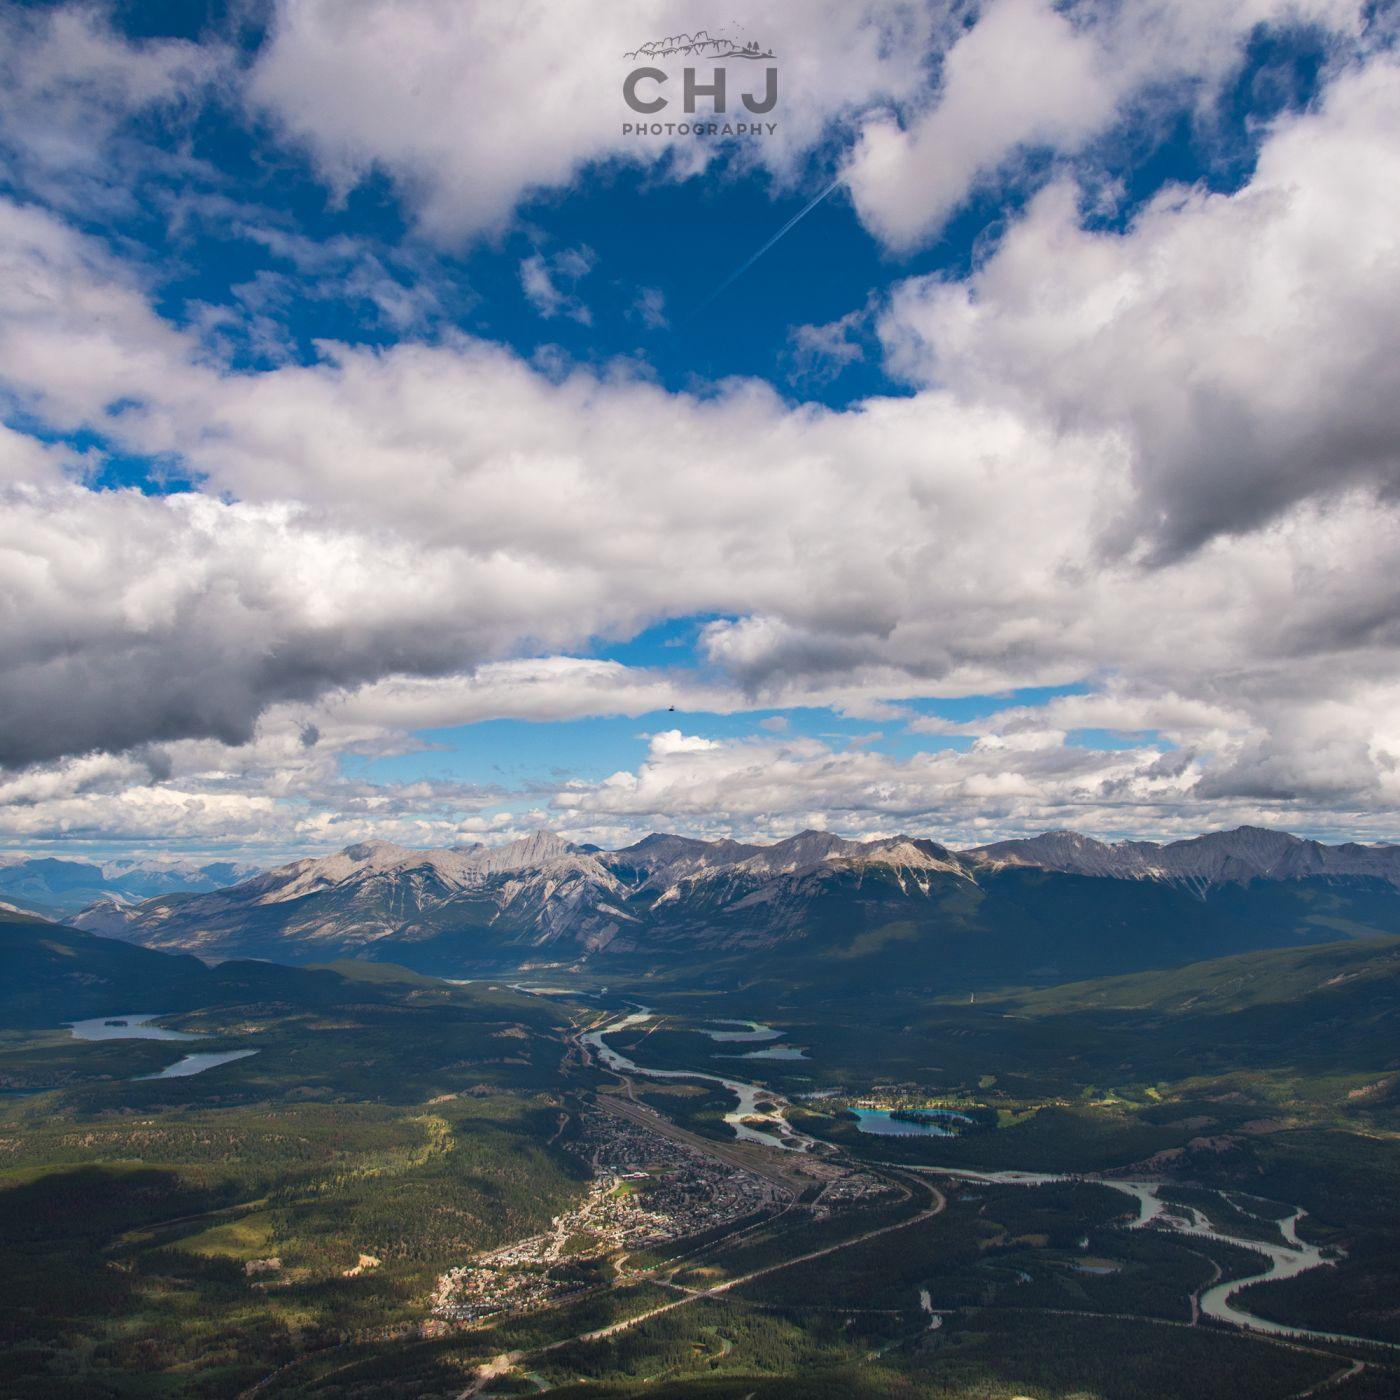 Whistler's Peak - Jasper Sky Tram, Canada